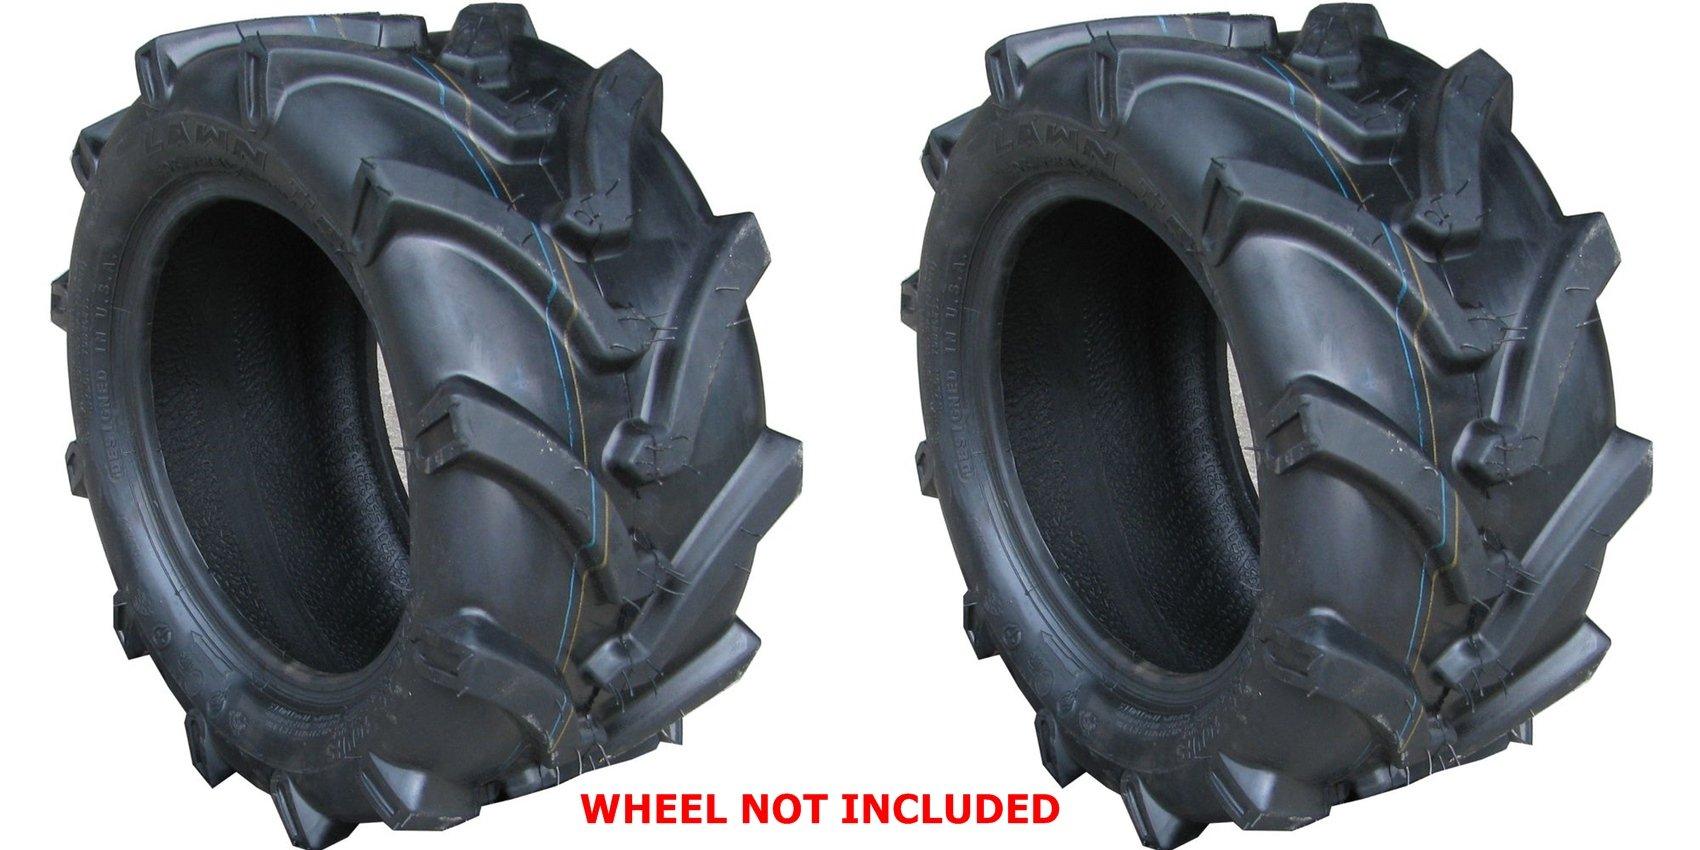 TWO 24X12.00-12 24x12-12 OTR Lawn Trac Bar Lug Tires 4 ply Rated Heavy Duty